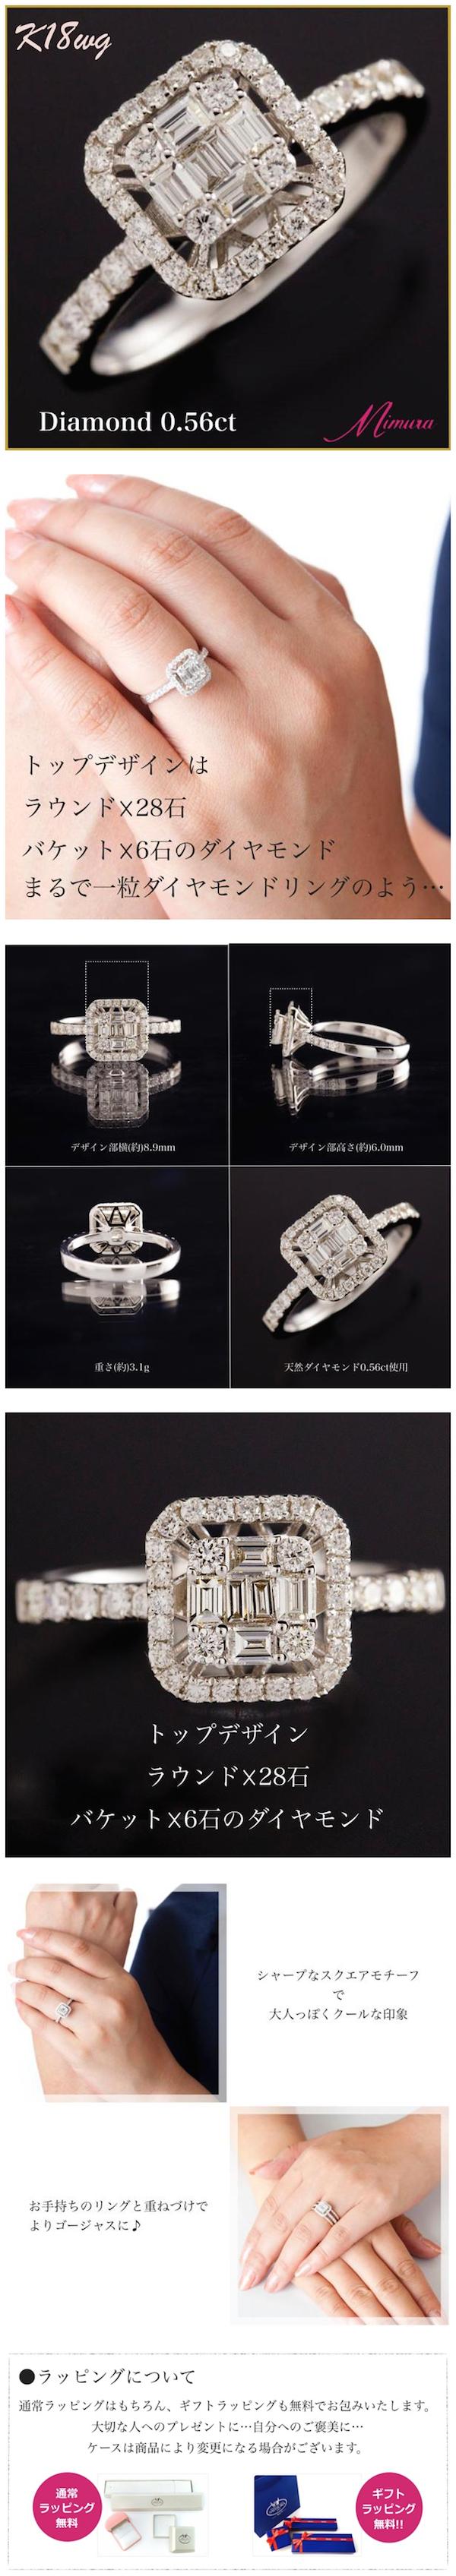 スクエアダイヤモンドリング